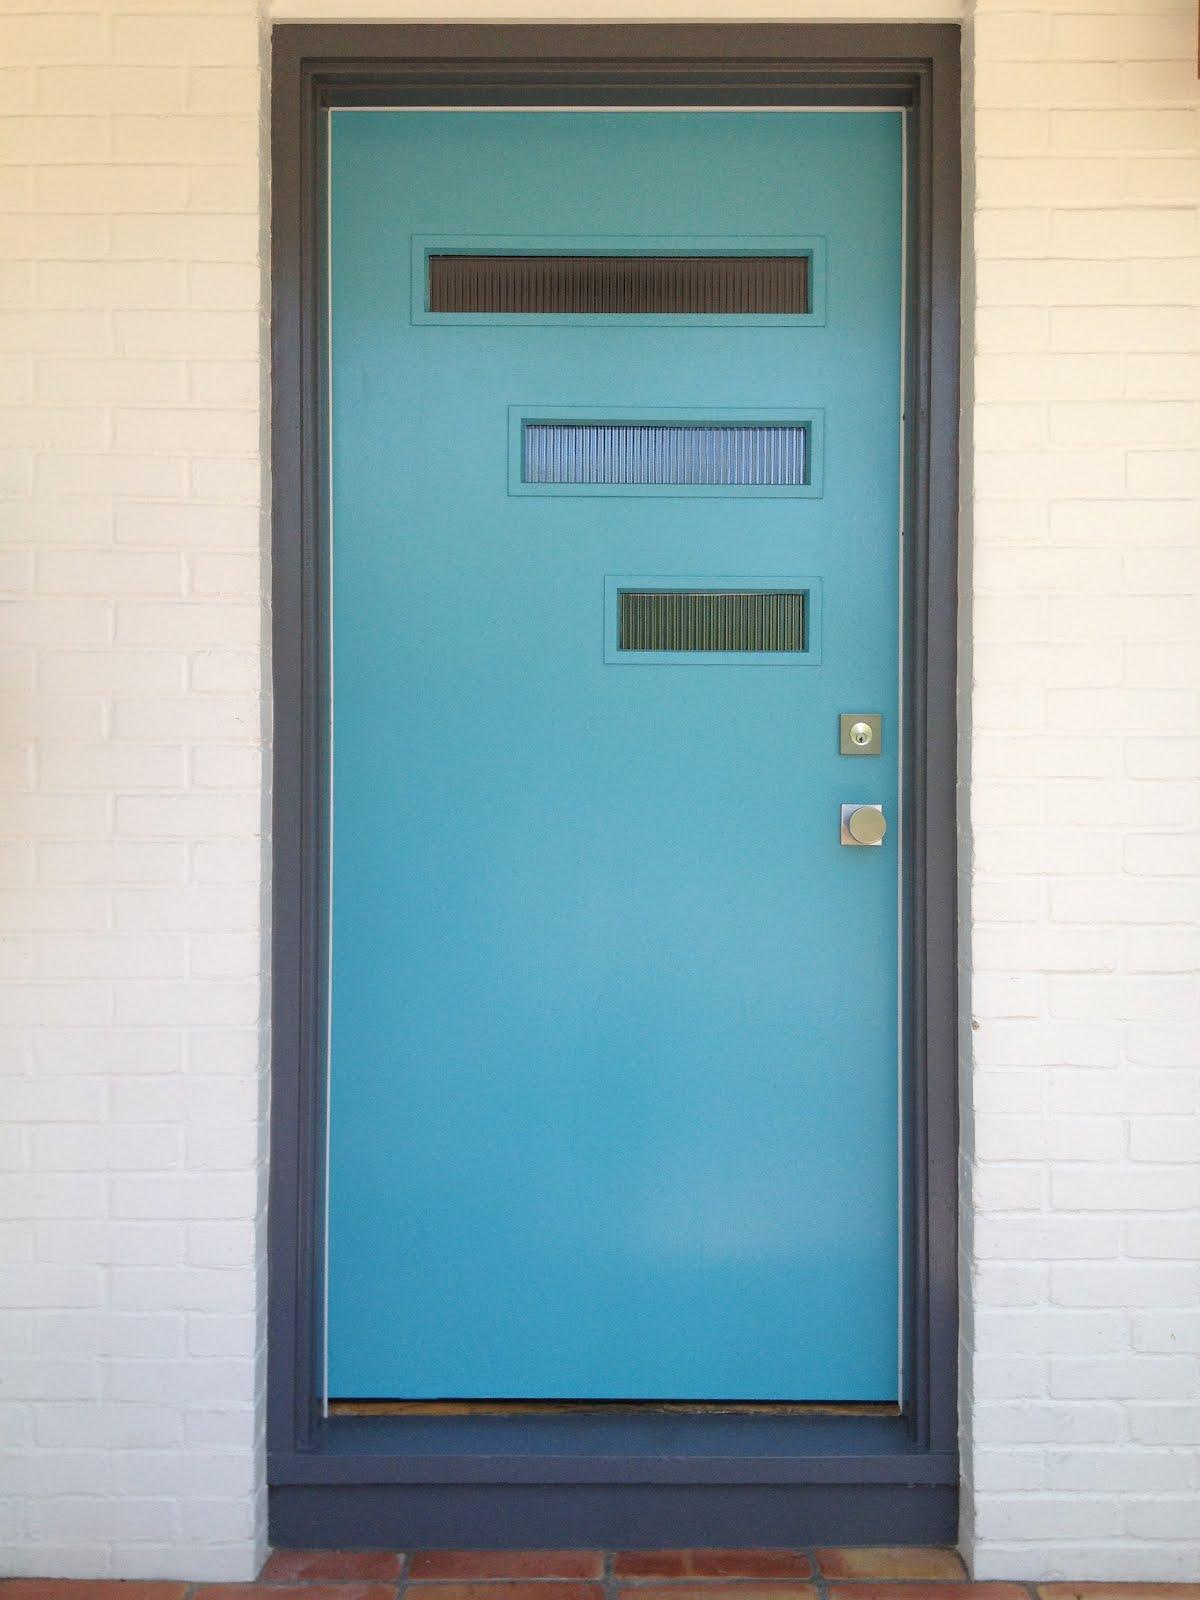 1600 #367C95 Mid Century Modern Glass Front Doors The Crestview Door Kit Worked picture/photo Mid Century Front Doors 44391200